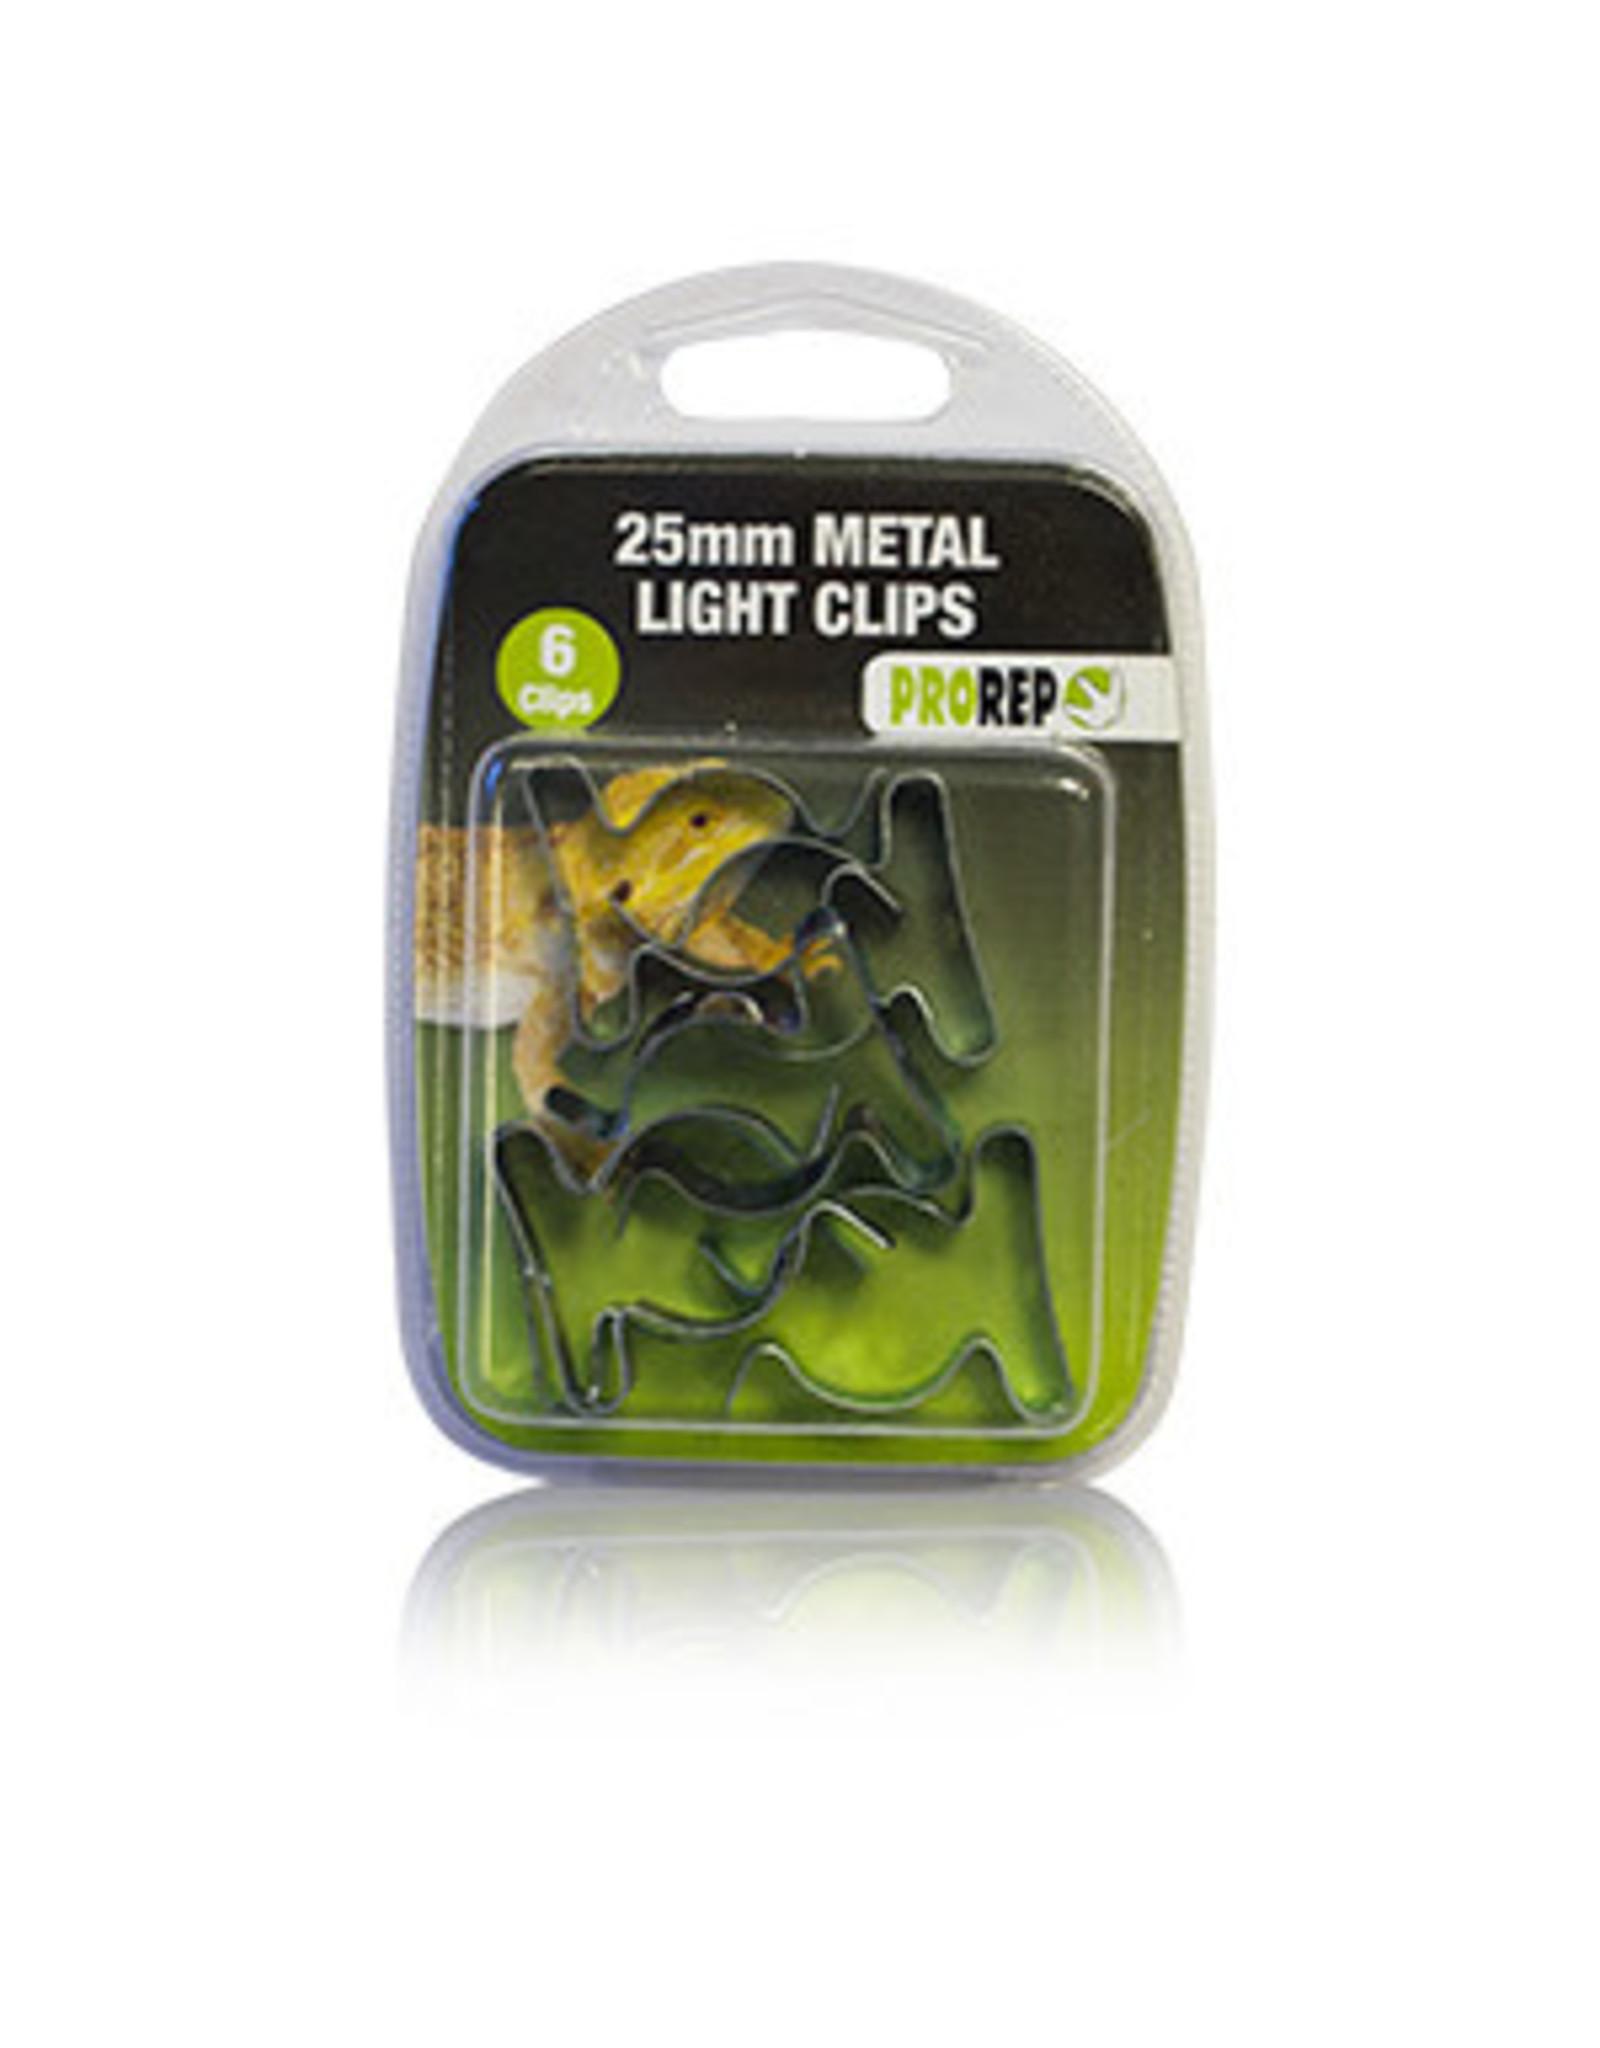 Pro Rep PR Metal Lamp Clips T8